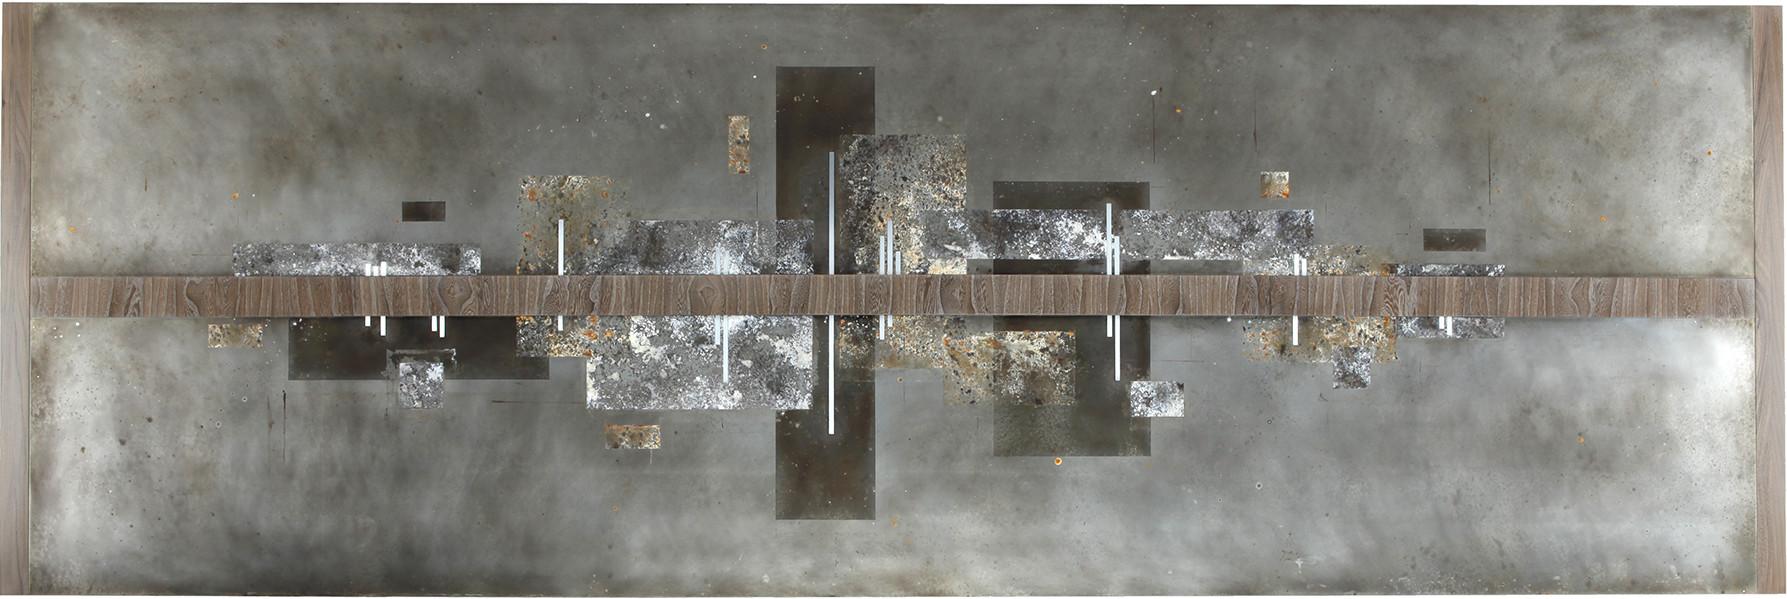 Furniture as art